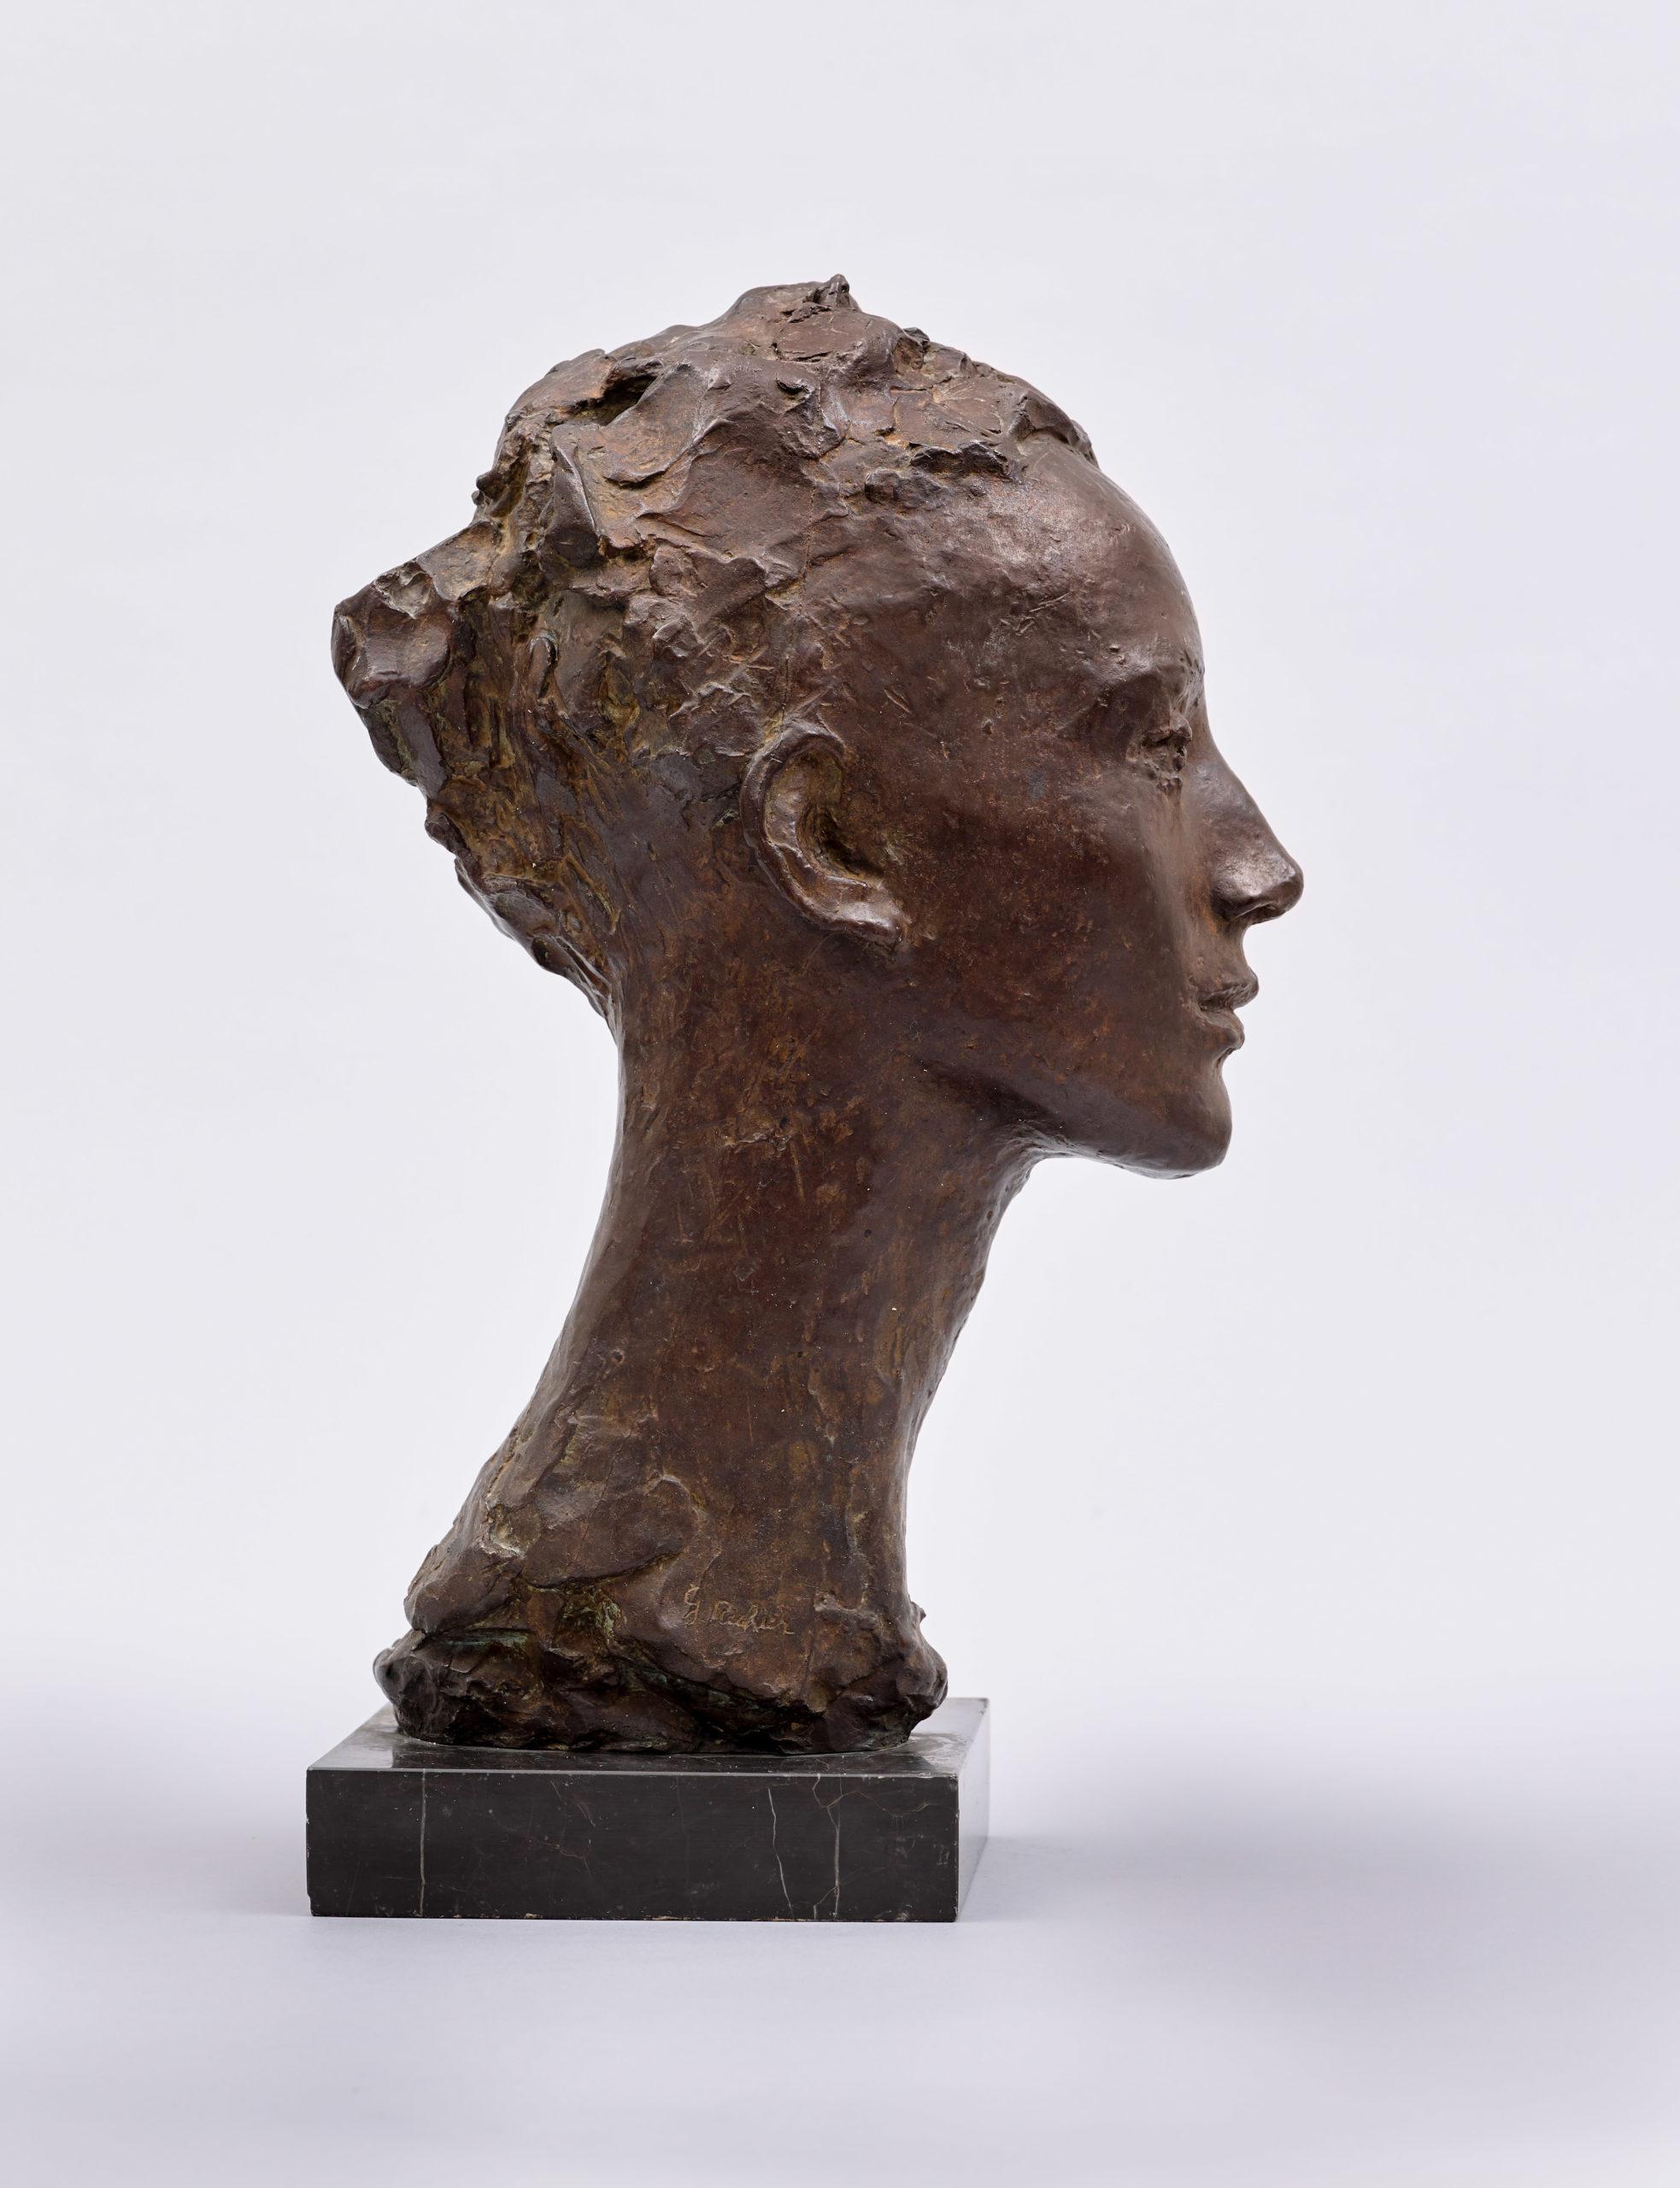 Germaine Richier La Regodias 1938, Epreuve en bronze fonte Ö la cire perdue M. Pastori 40x17x27cm Galerie MALAQUAIS (2)